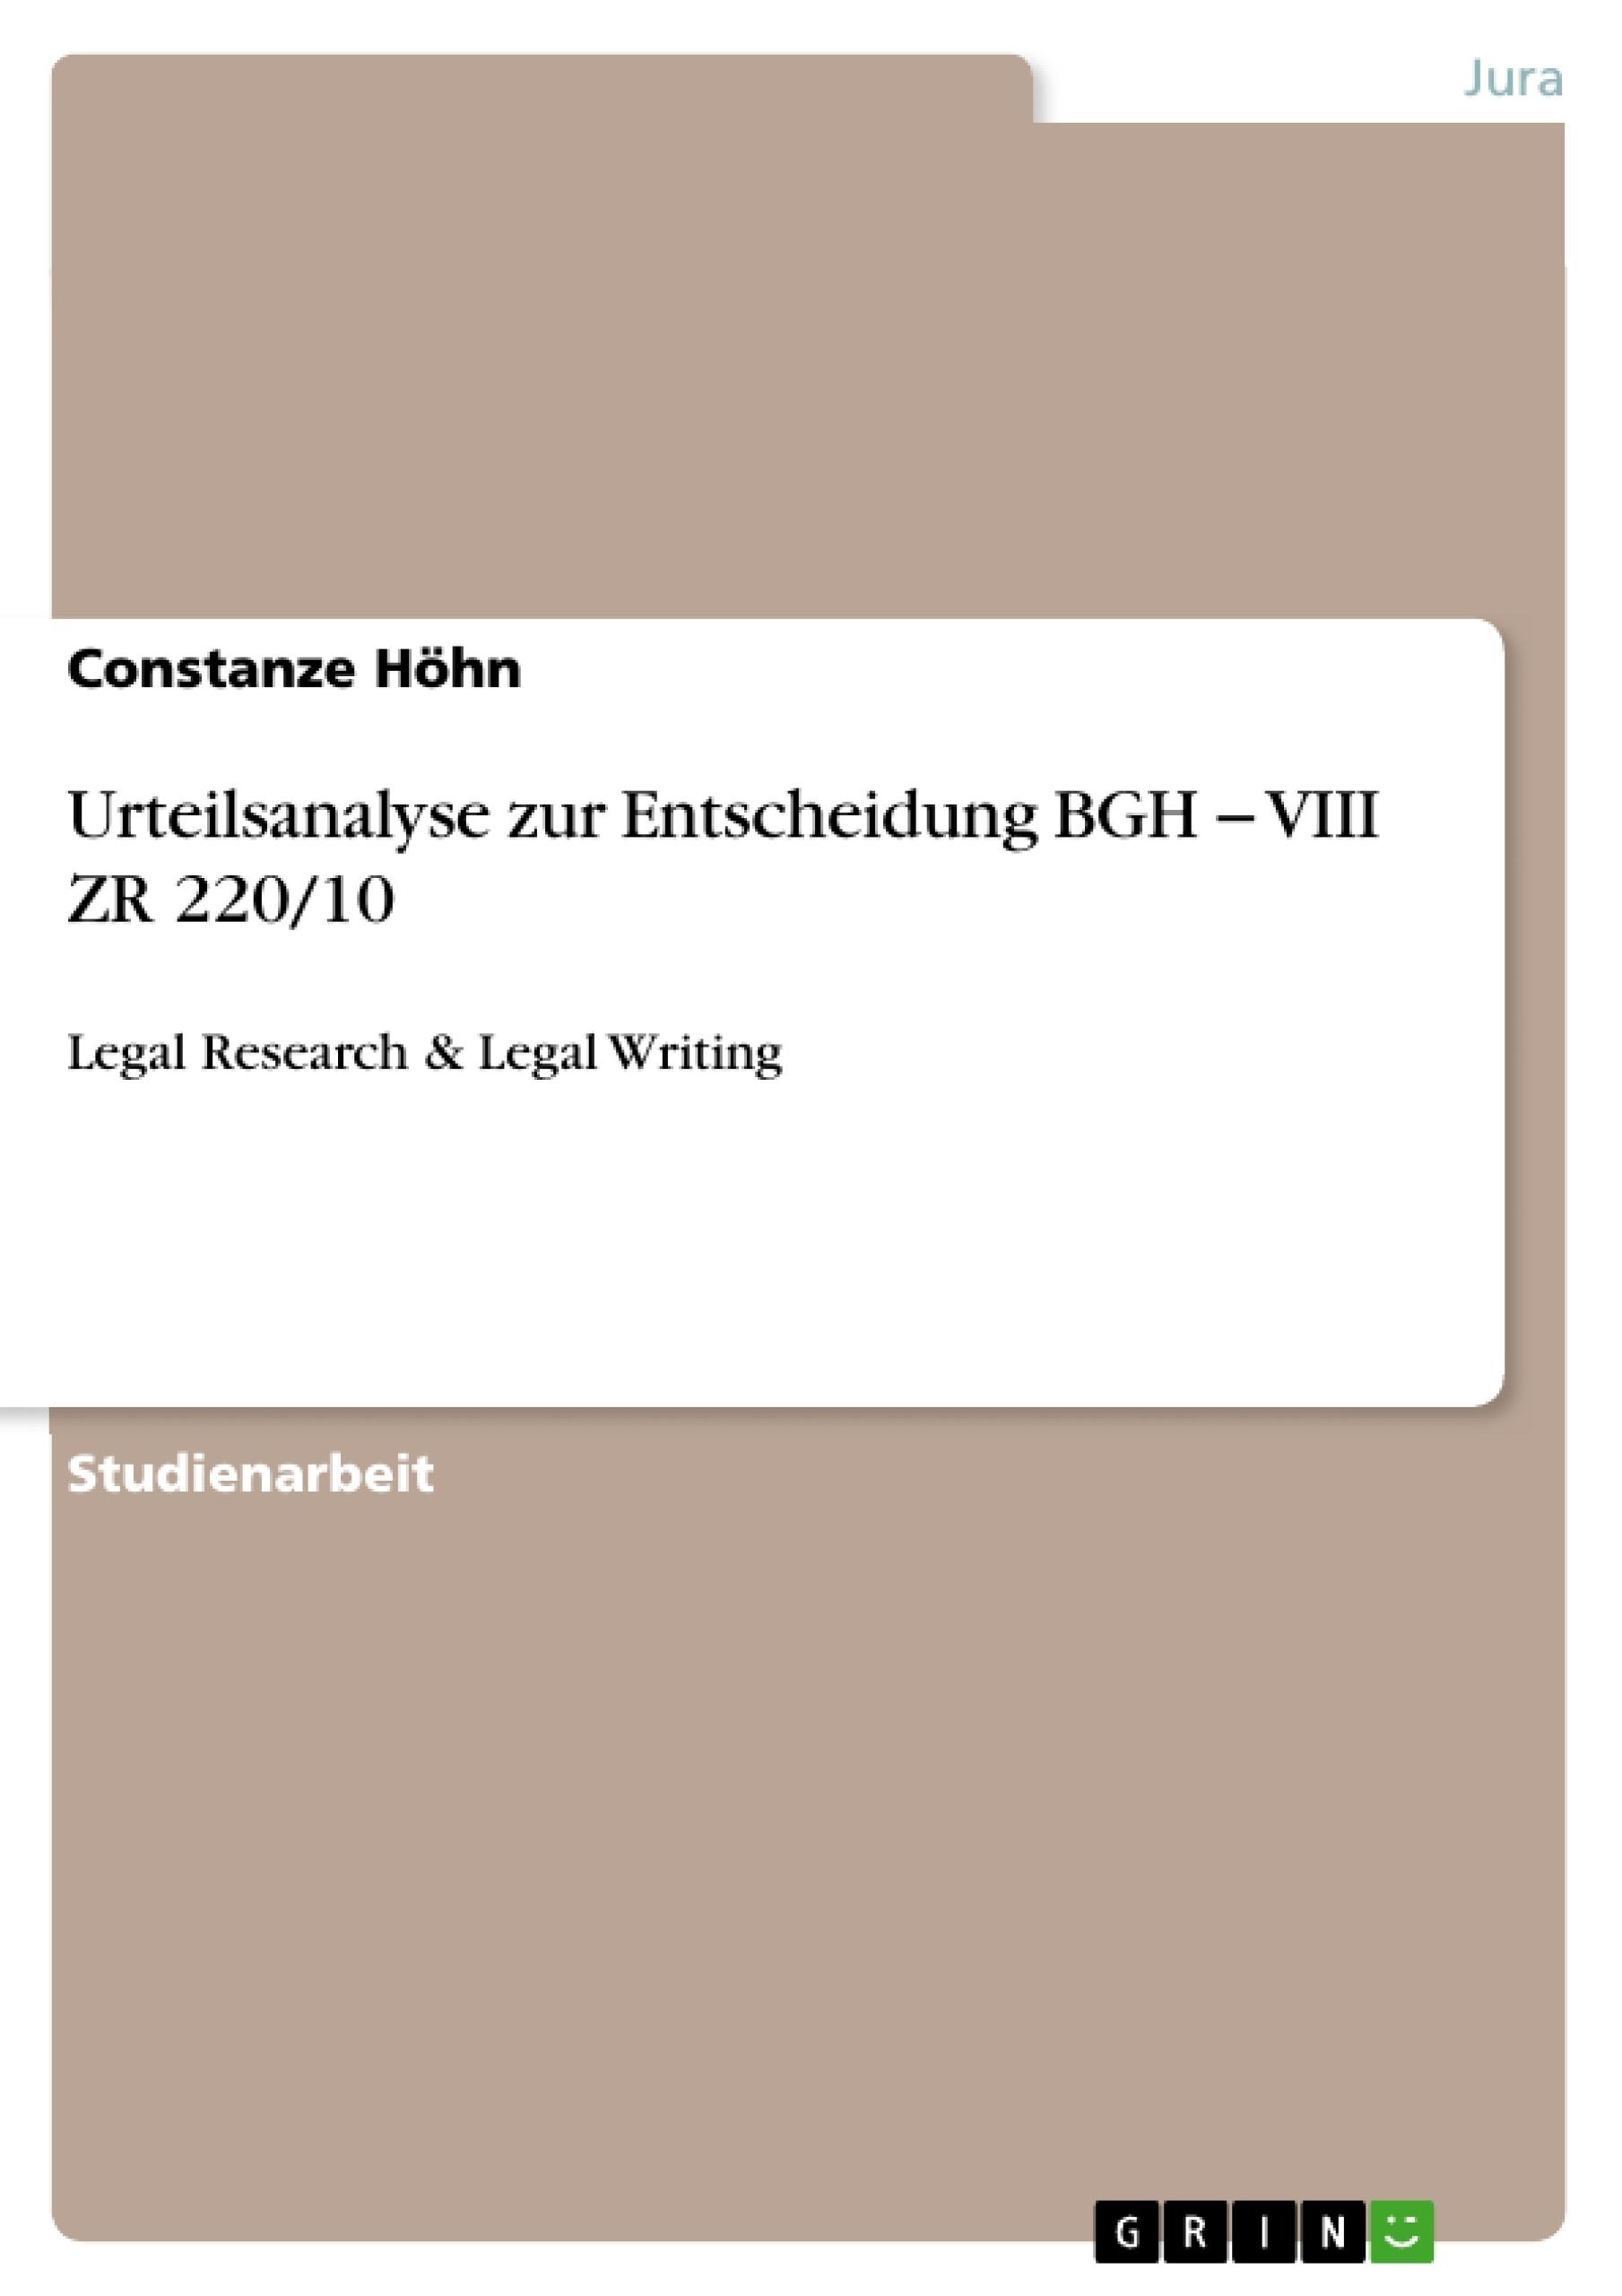 Titel: Urteilsanalyse zur Entscheidung BGH − VIII ZR 220/10